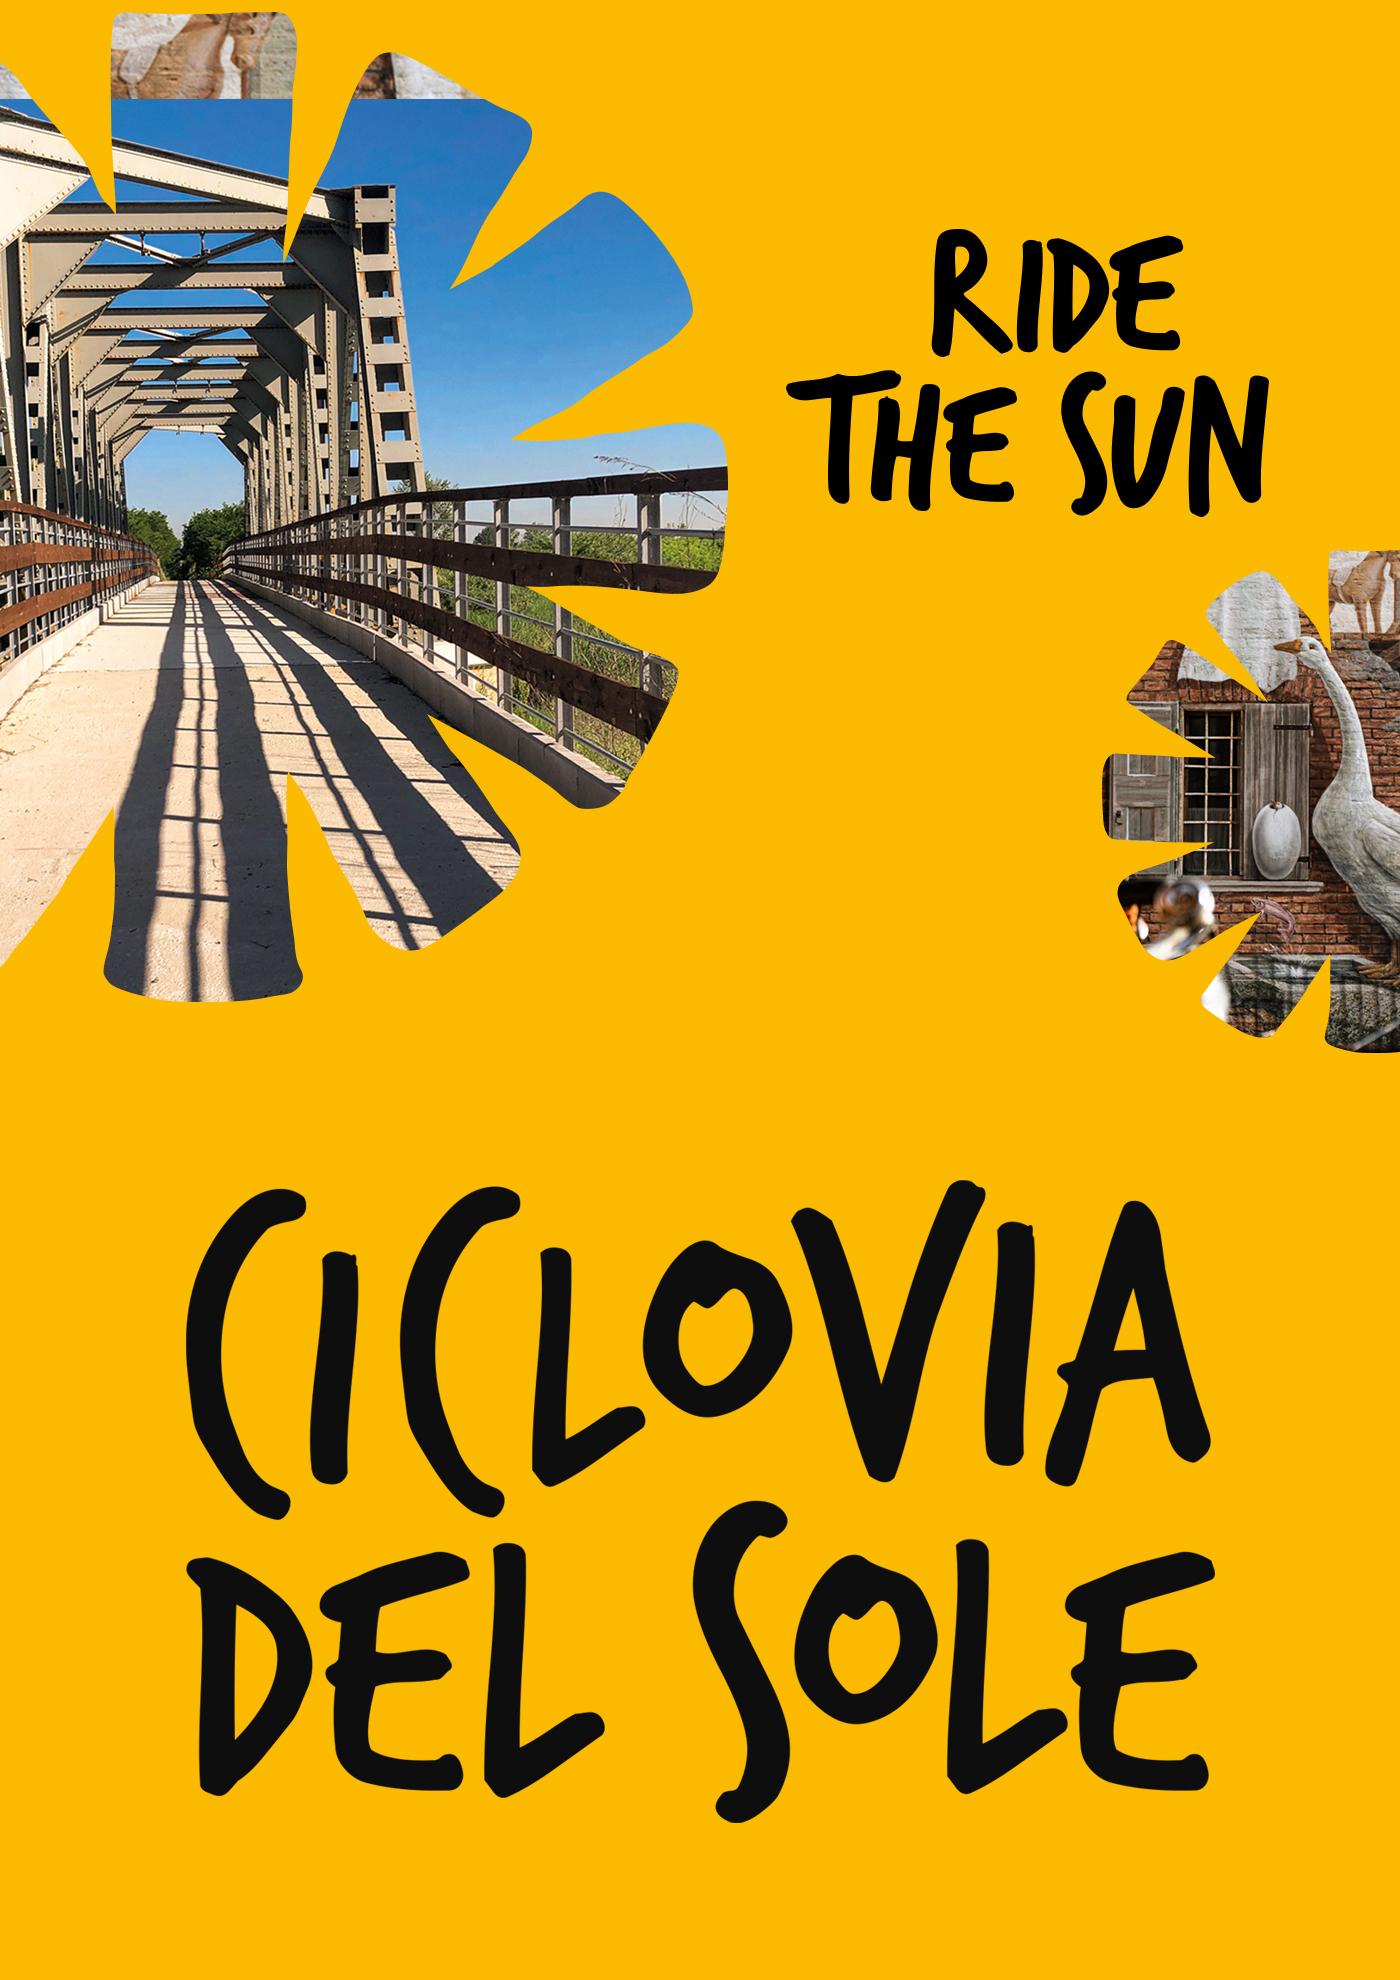 Ciclovia del sole